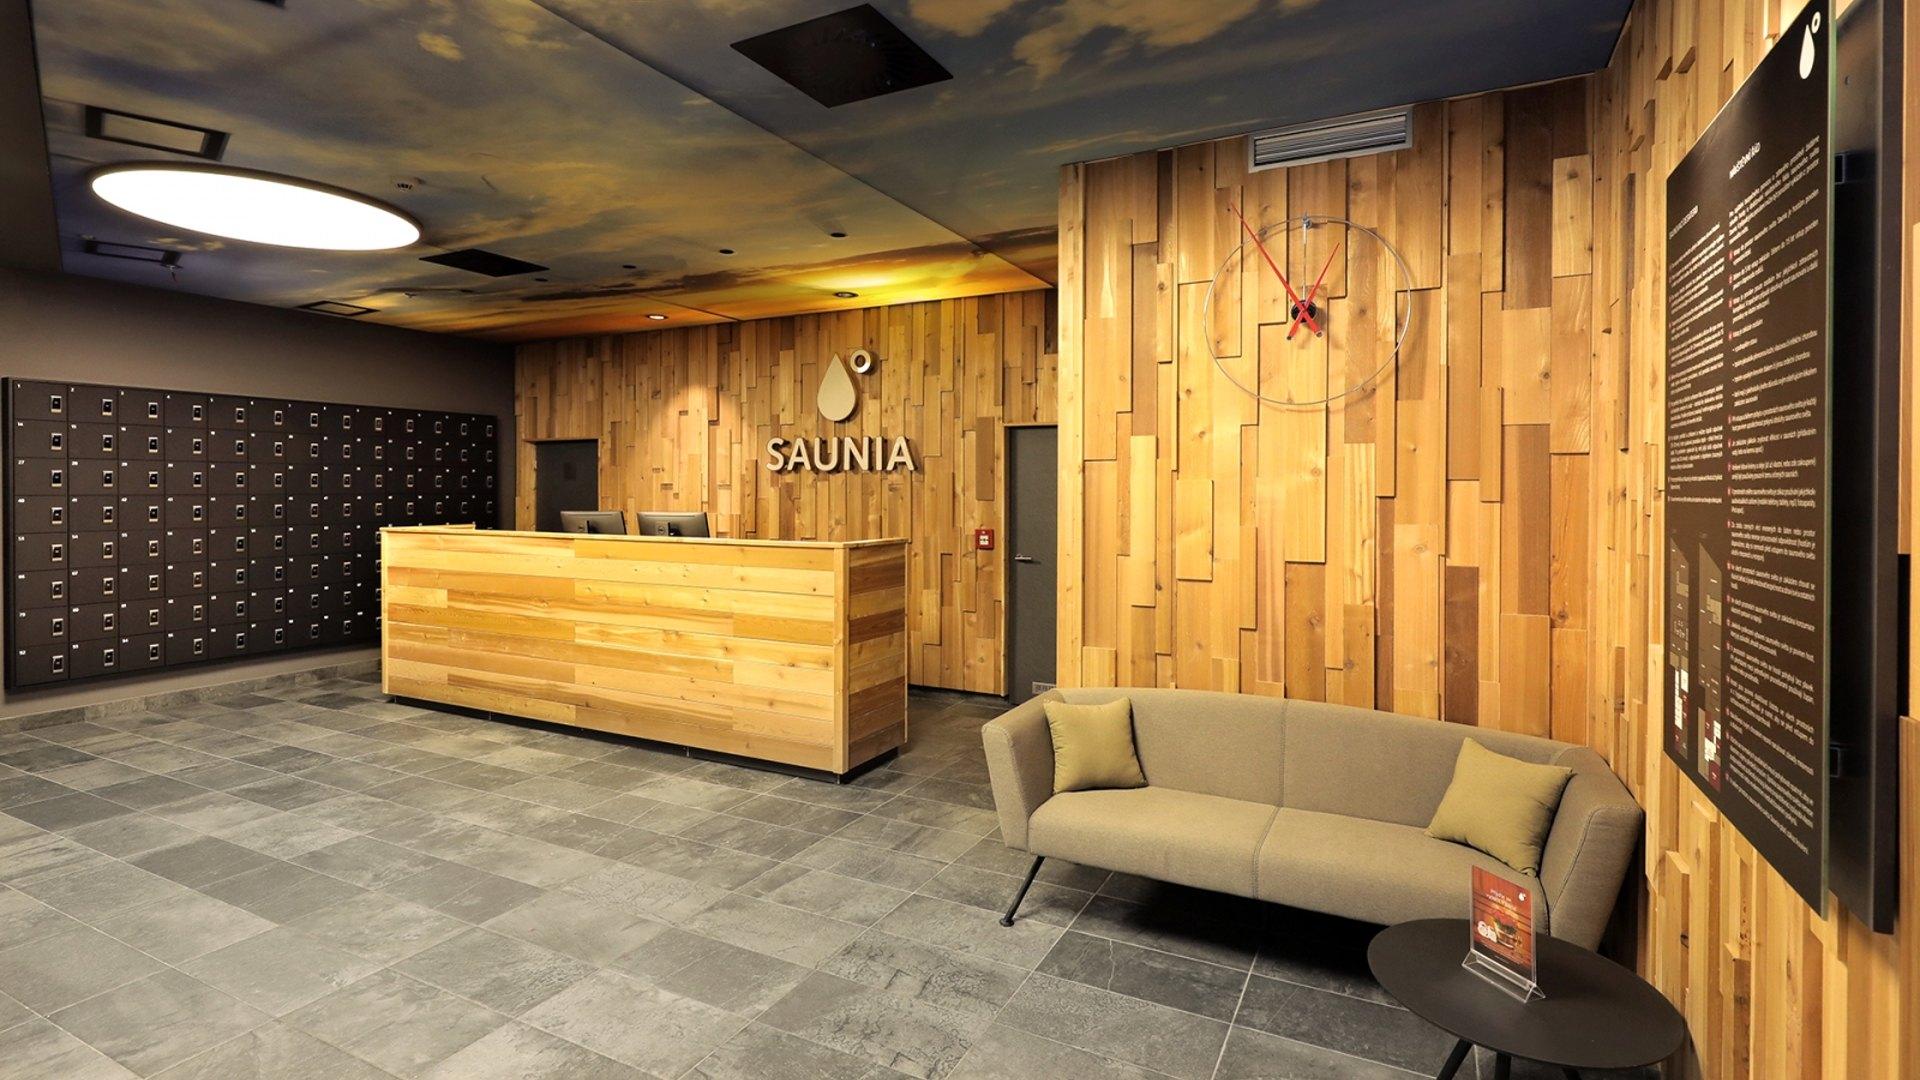 Saunia Ostrava Futurum – Vše, co potřebujete vědět o saunovém světě